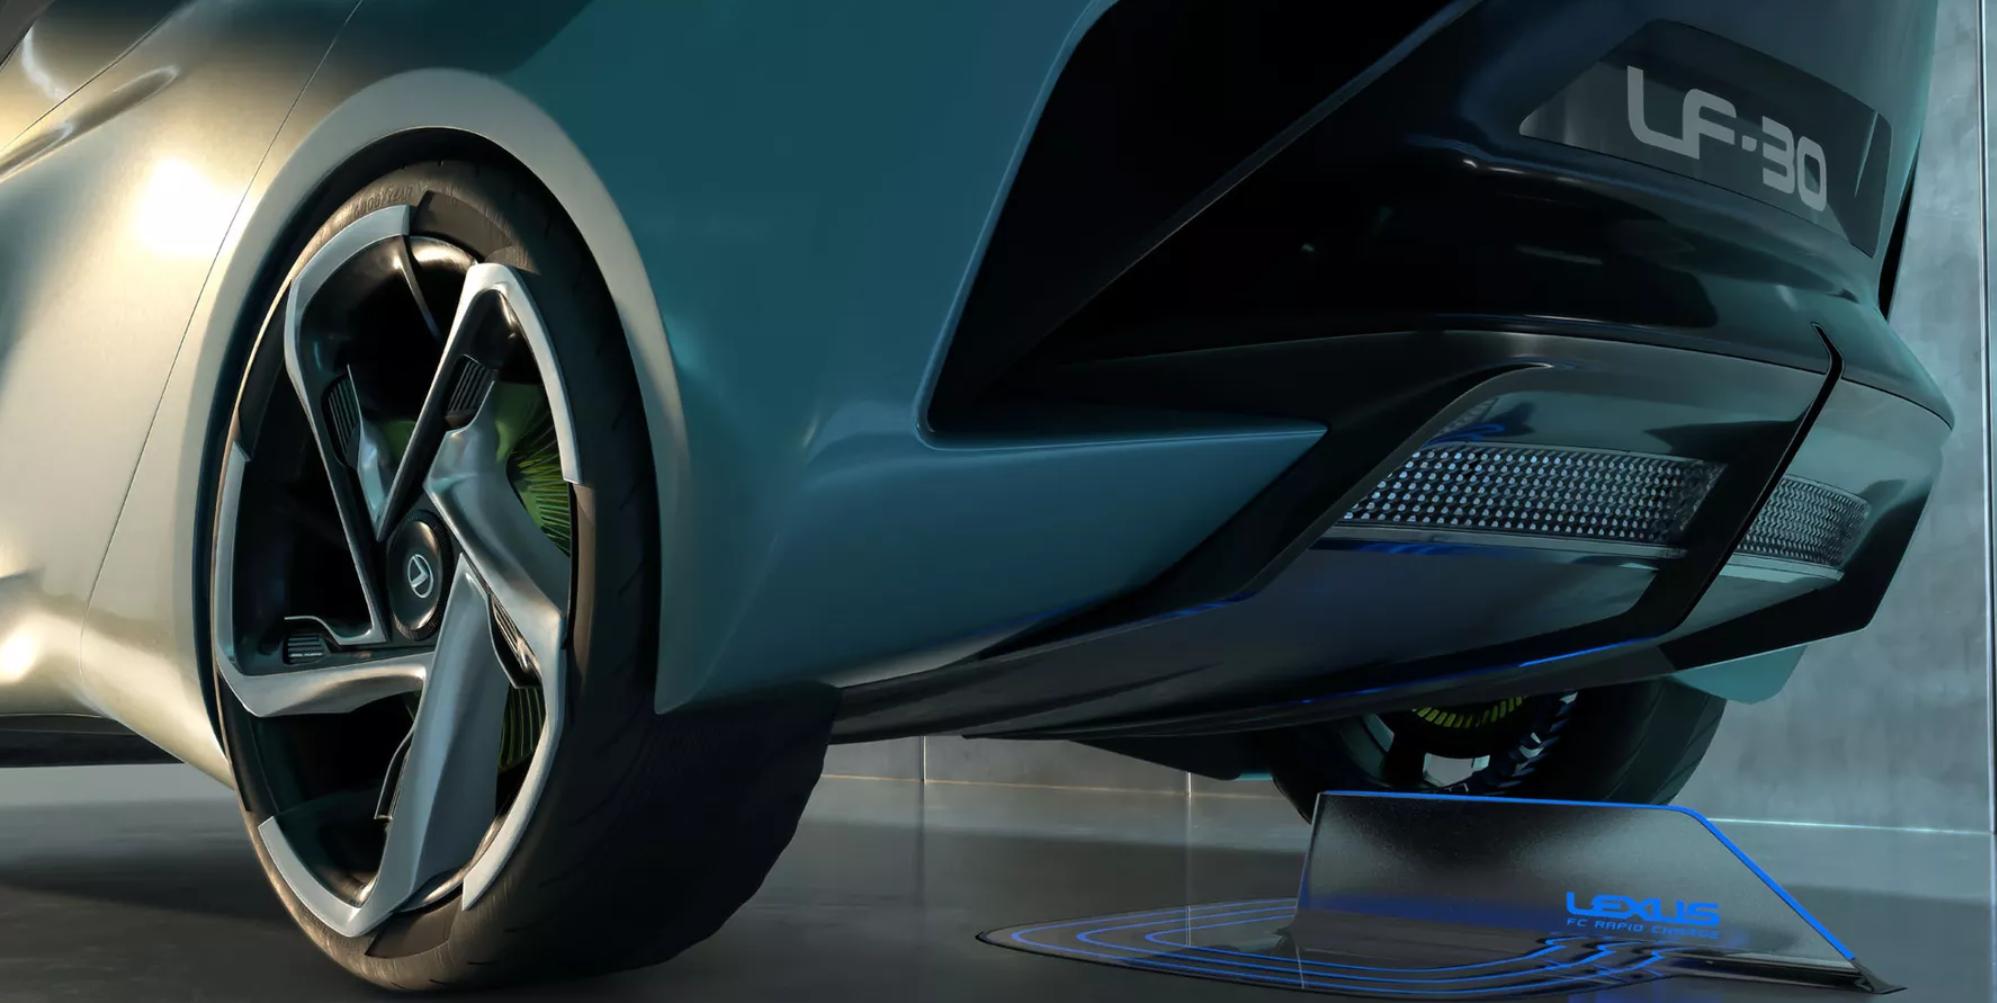 Chiem-nguong-chiec-sieu-xe-chay-dien-100-cua-Lexus-se-ra-mat-trong-nam-2020-4